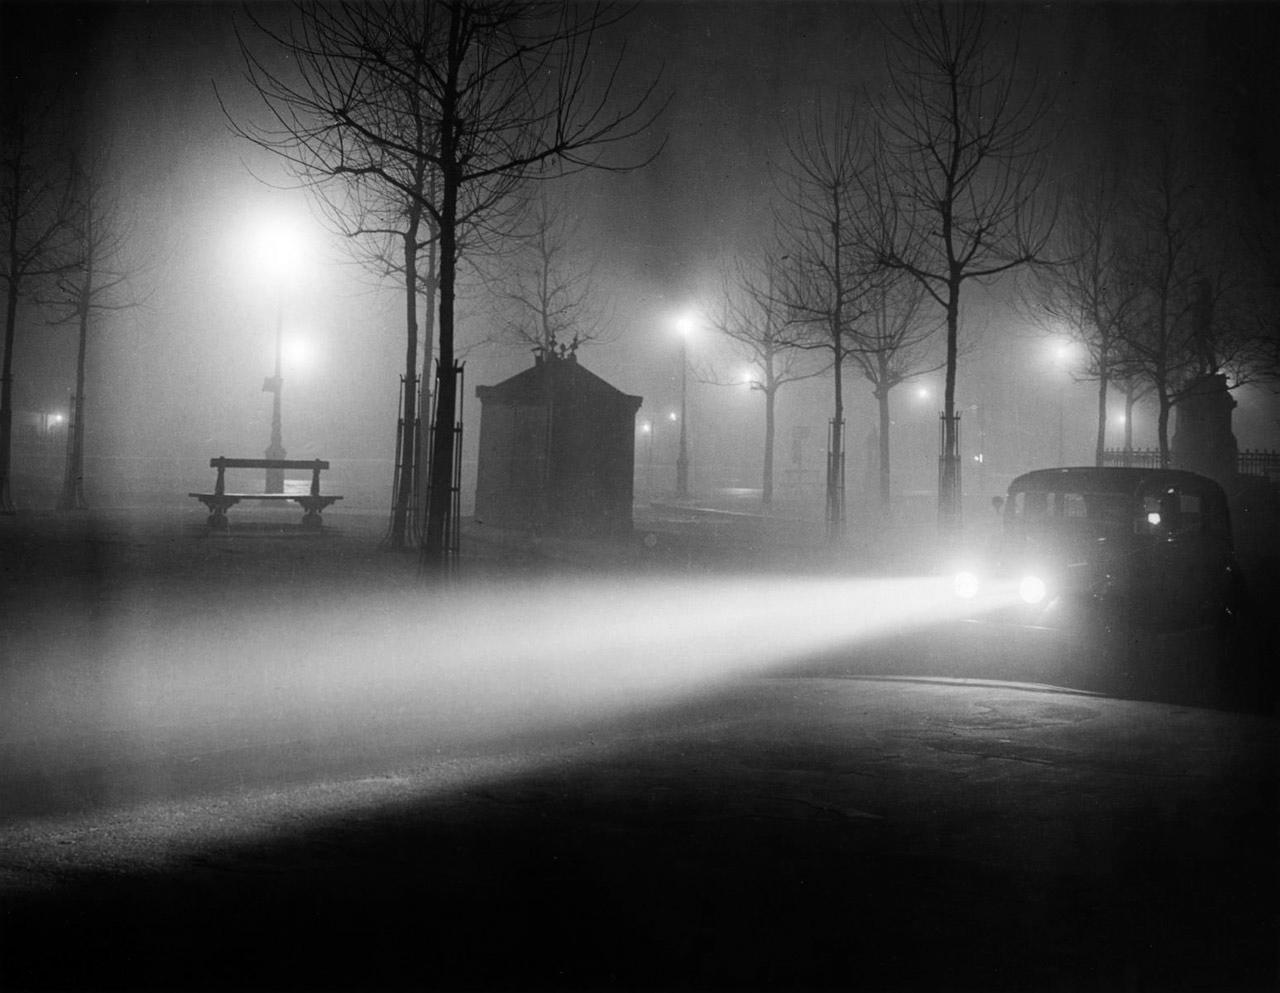 Avenue de l'Observatoire dans le brouillard, de Brassaï